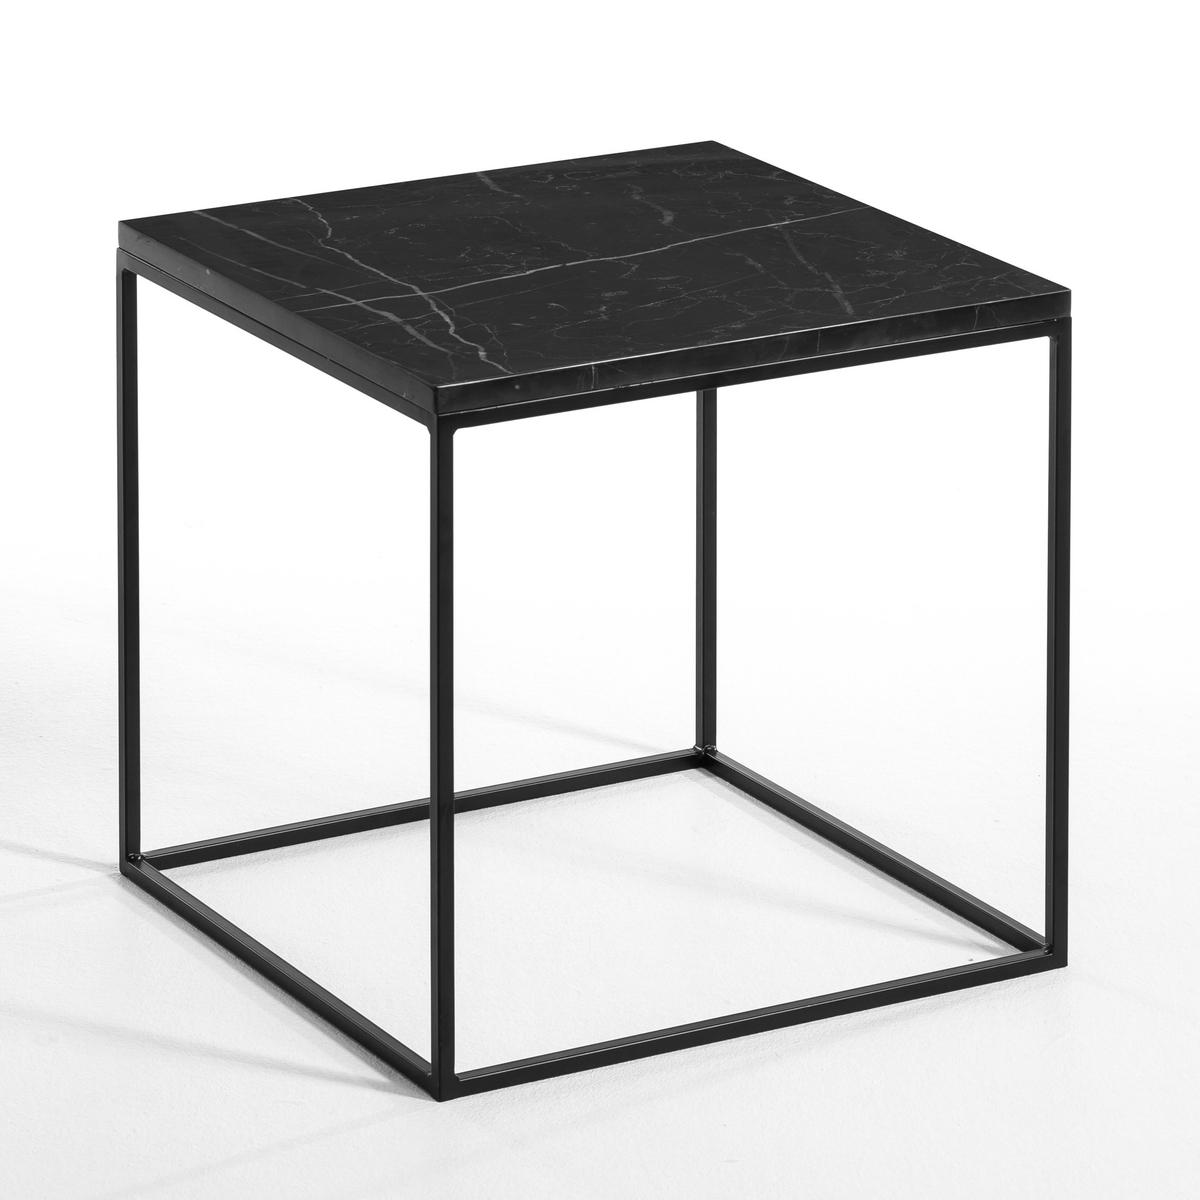 Столик со столешницей из мрамора, MahautСтолик Mahaut. Элегантное и простое сочетание столешницы из мрамора, благородного, прочного и теплого камня с очень изящным металлическим каркасом .Описание : - Каркас из металла - Столешница из черного мрамора, каждое изделие уникально, поэтому количество прожилок может отличаться .Размеры : - 40 x 40 x 40 см<br><br>Цвет: мраморный черный